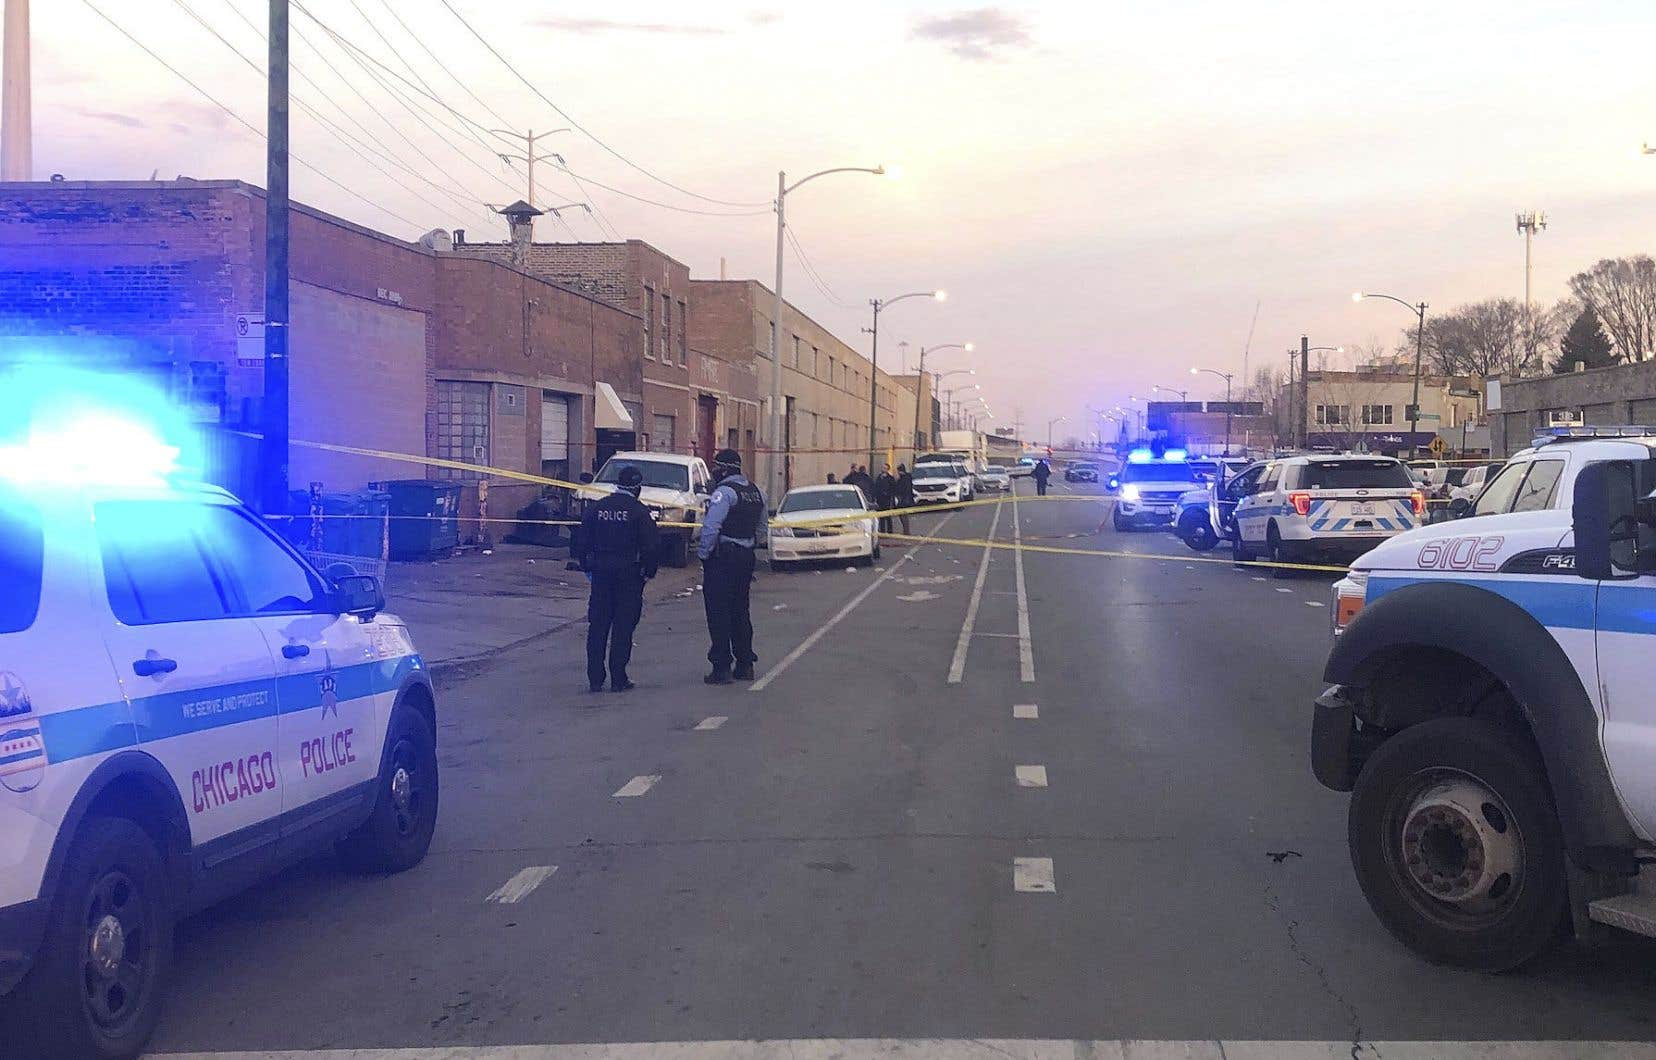 «Quatre armes ont été retrouvées sur place […]. Plusieurs des témoins, blessés, se trouvent encore au bloc opératoire», a précisé David Brown, le chef de la police de Chicago.